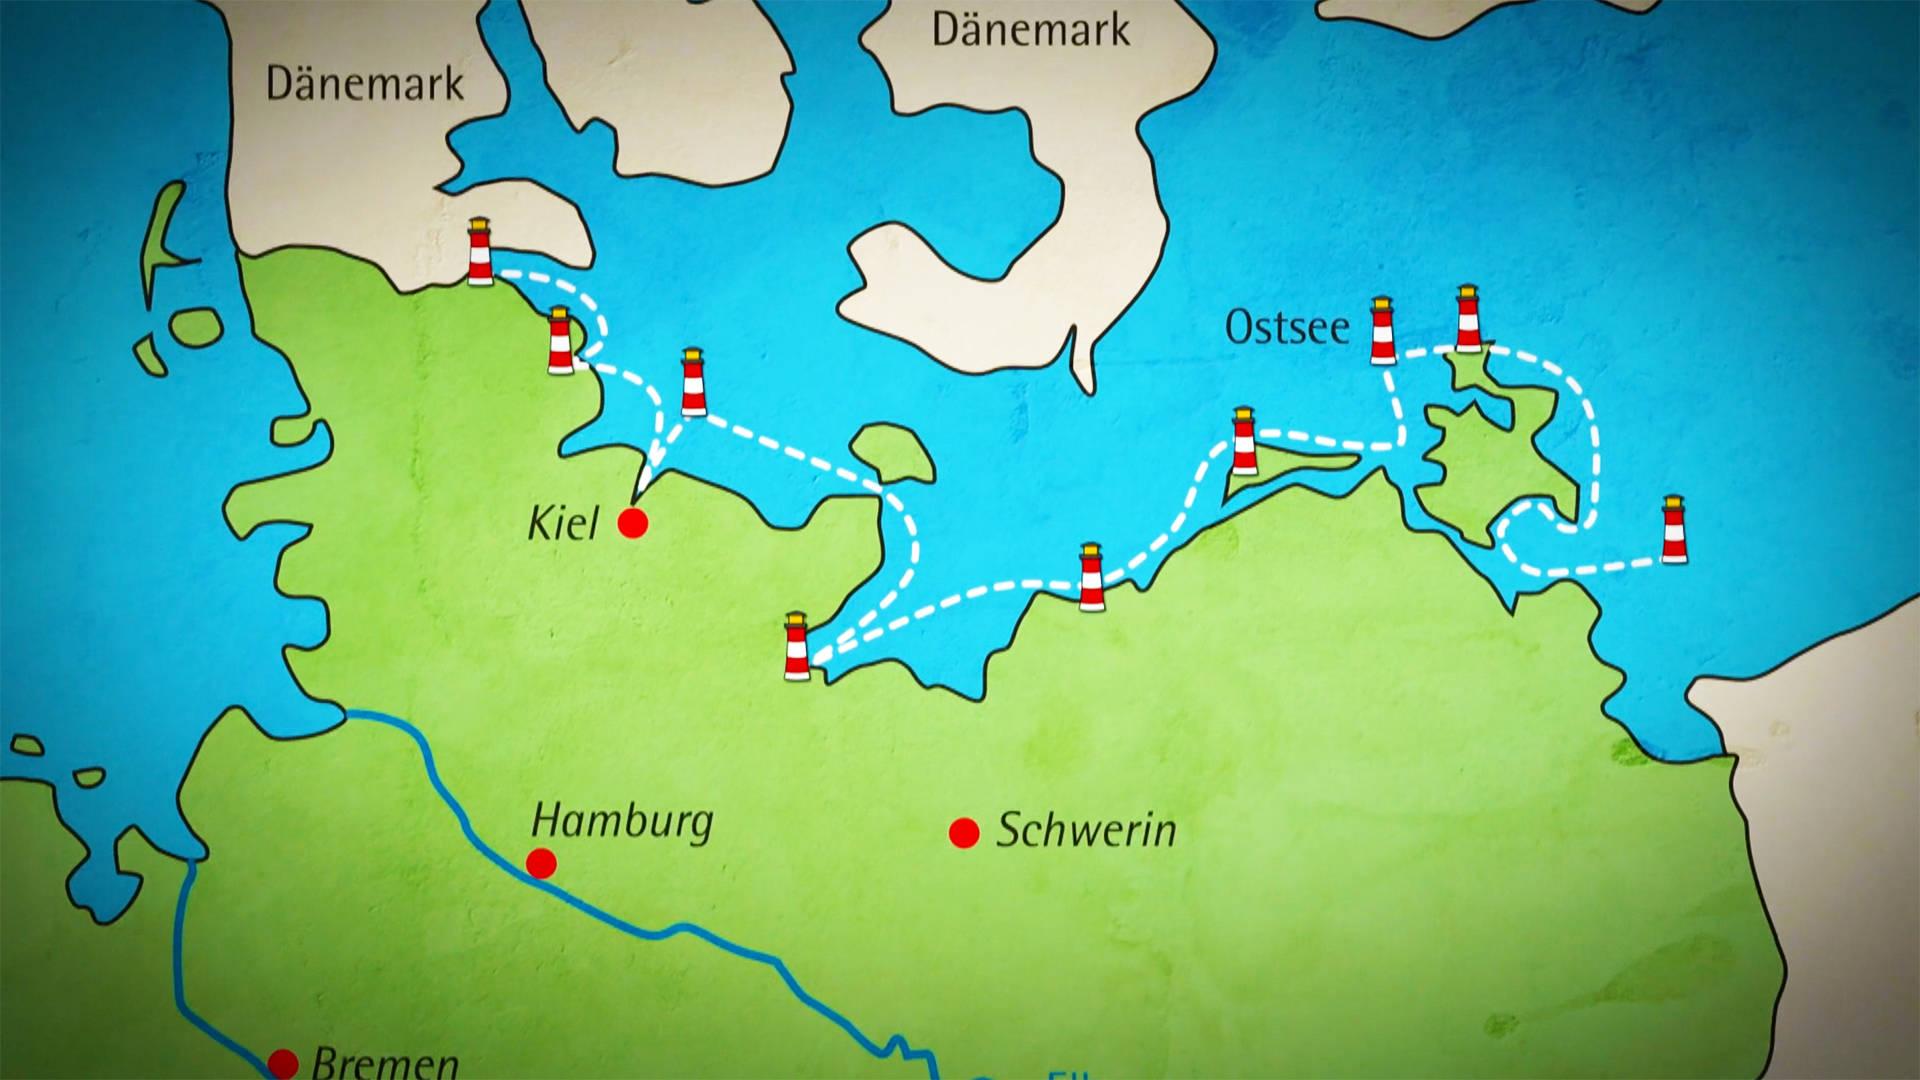 Reise an der Ostseeküste - wdrmaus.de - Karte Deutschland Ostsee